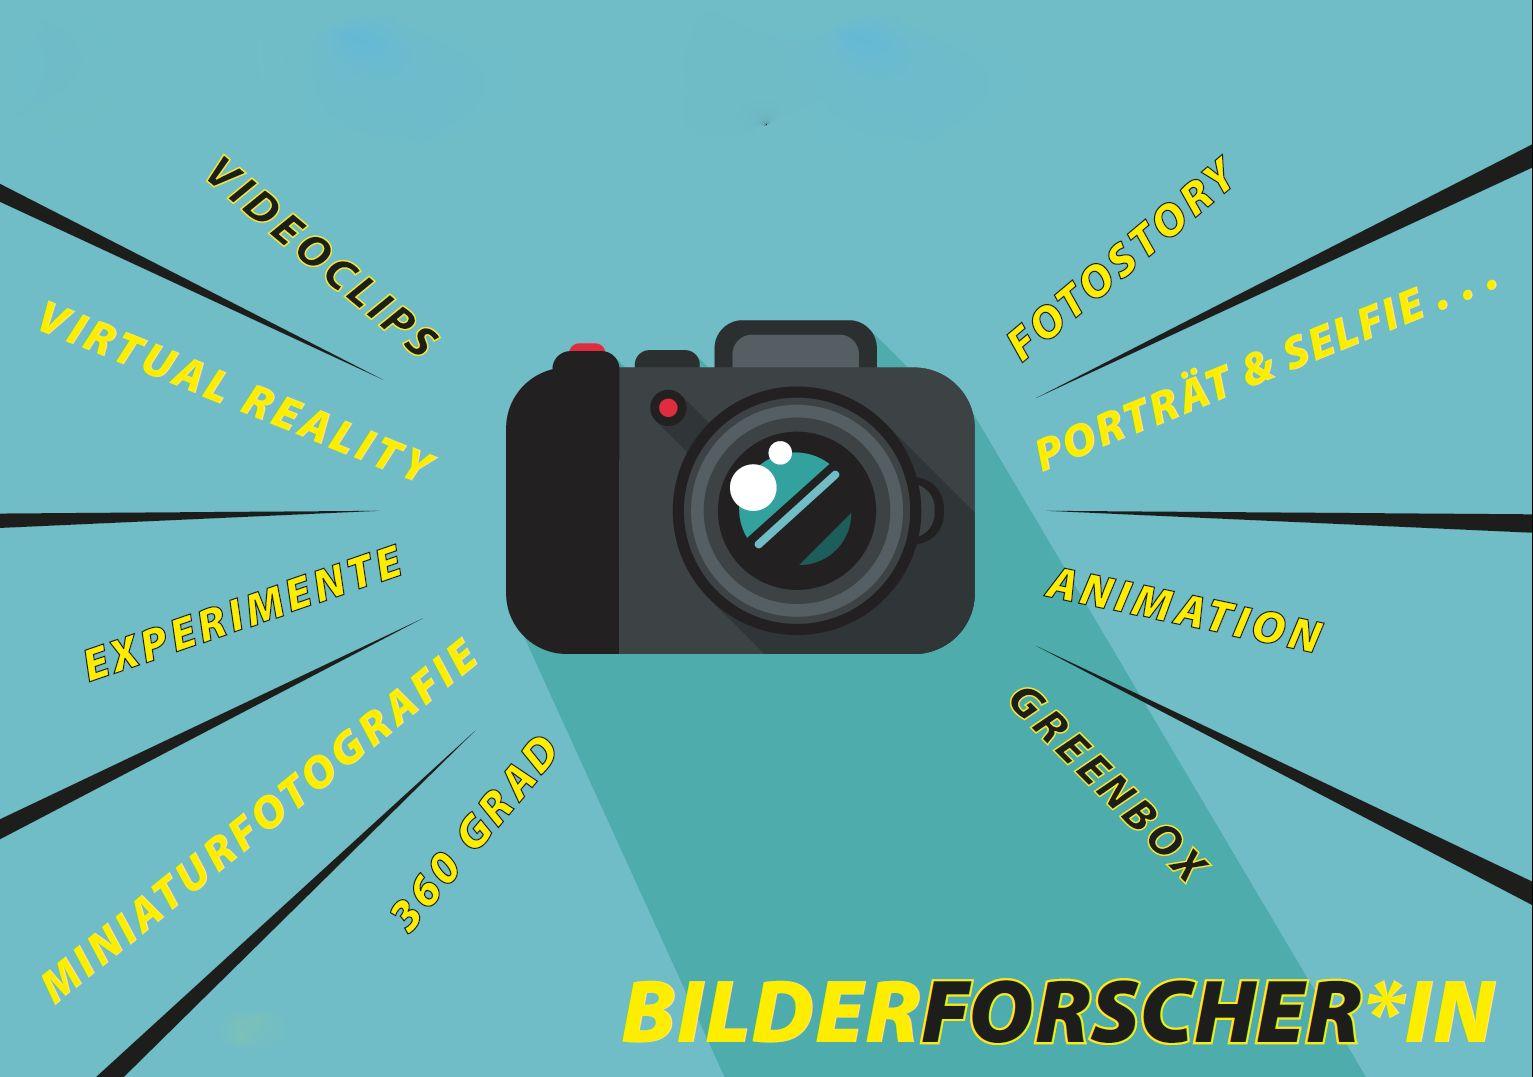 Flyer Bilderforscher: in der Mitte eine Kamera, darum sind Wörter angeordnet: Greenbox, Portraits, Videoclips, Virtual Reality